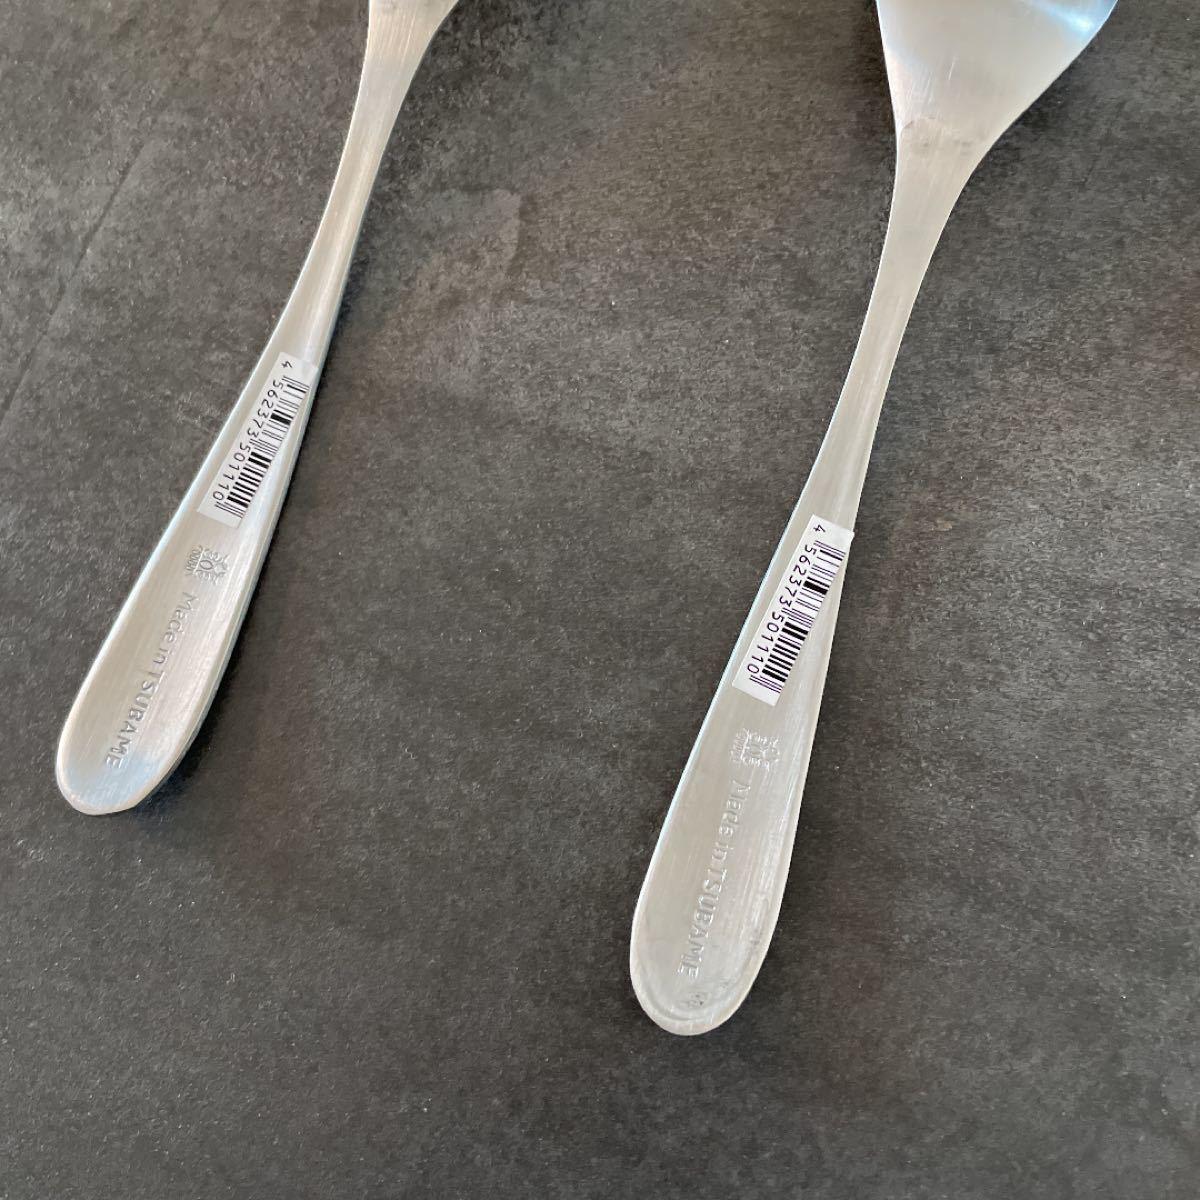 ツバメカトラリー 4本セット スプーン大 新品未使用 made in tsubame 燕